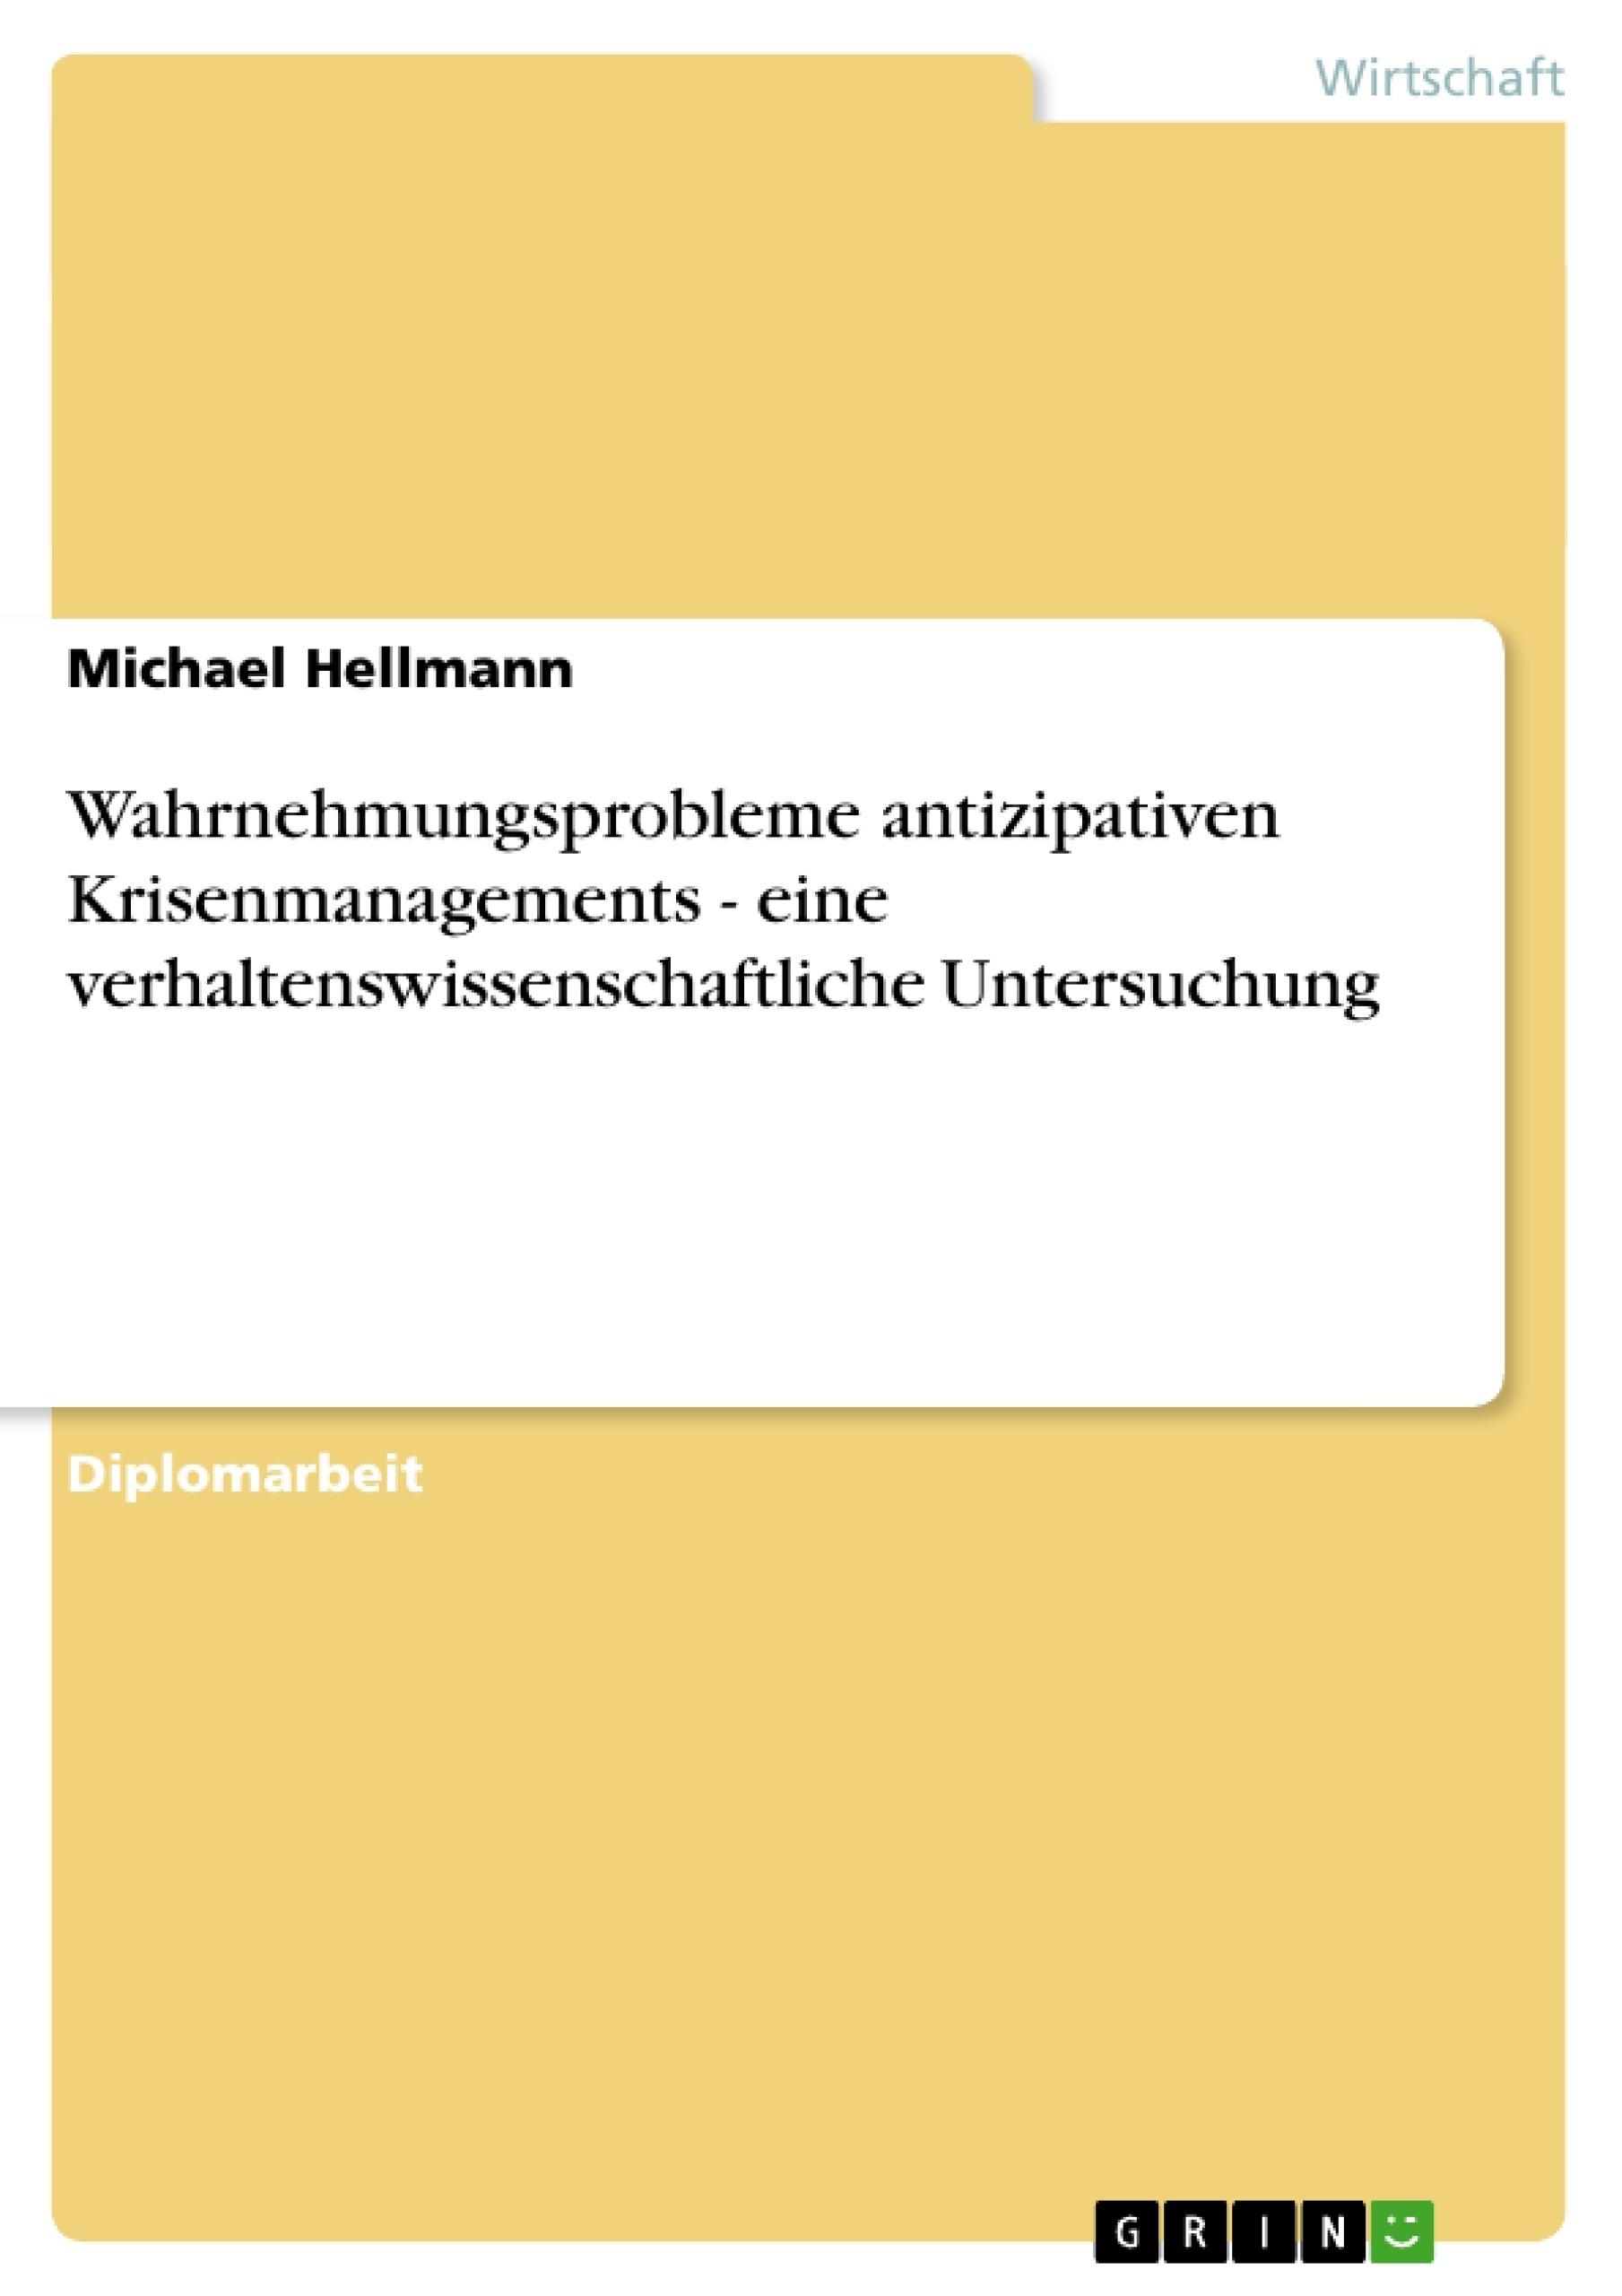 Titel: Wahrnehmungsprobleme antizipativen Krisenmanagements - eine verhaltenswissenschaftliche Untersuchung